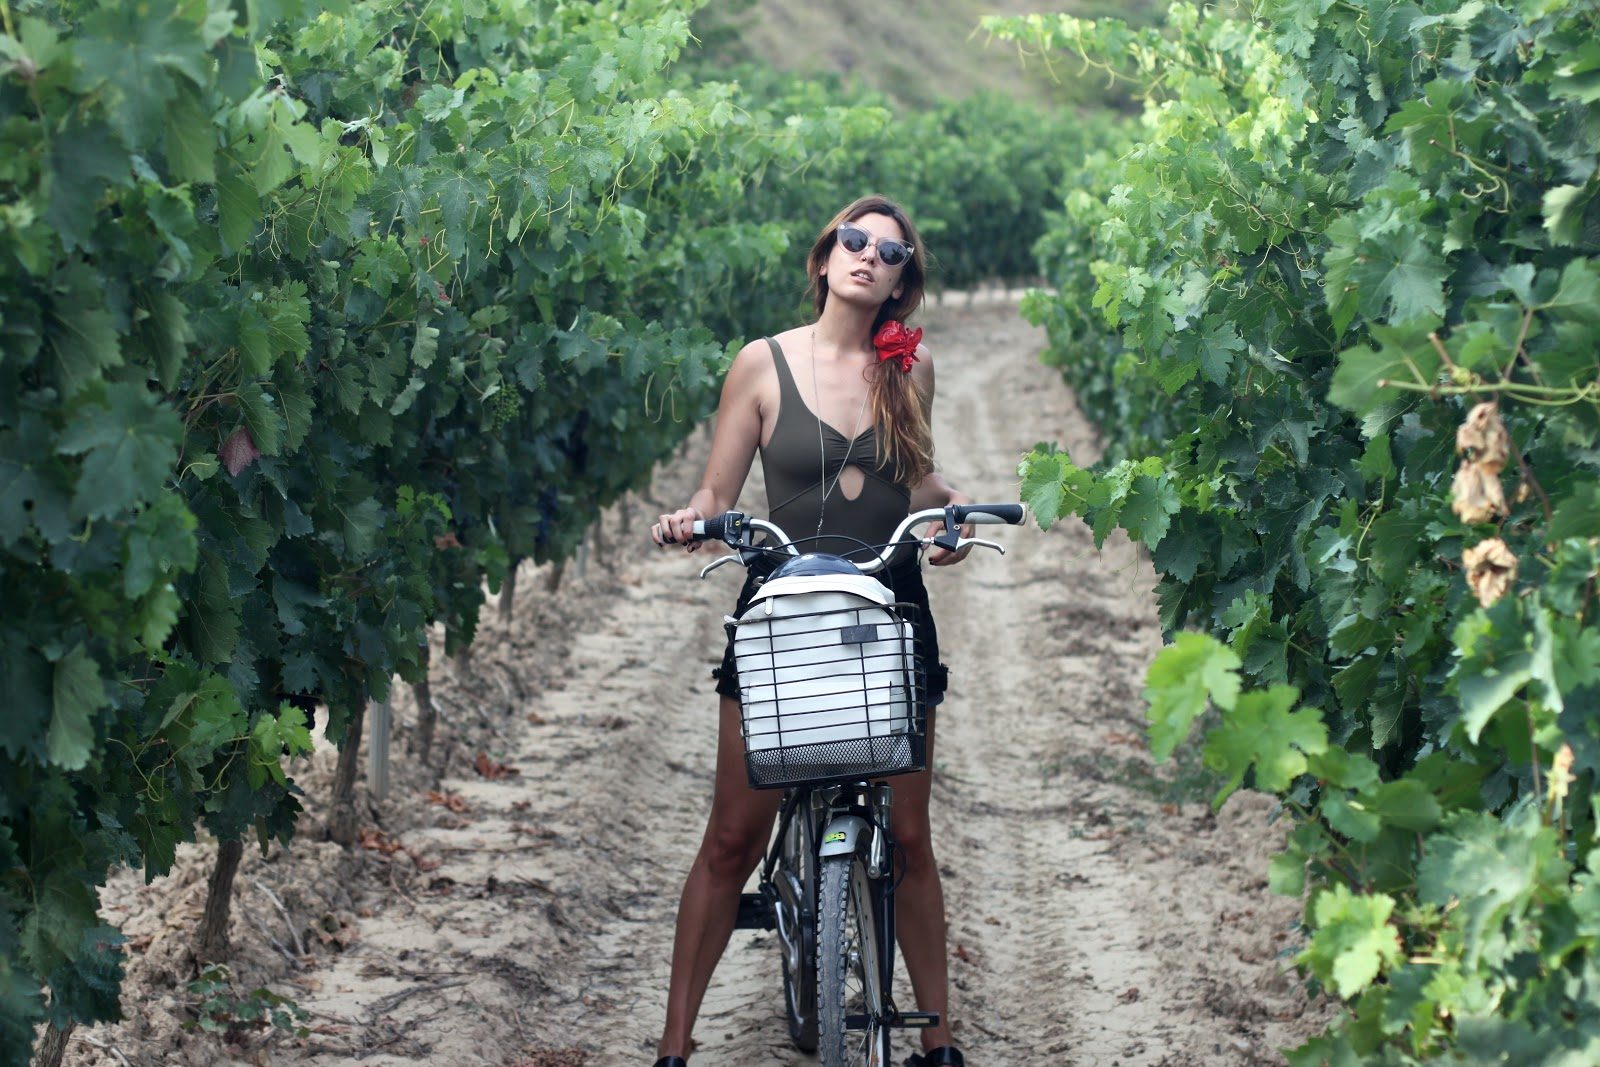 Bici villabuena de álava